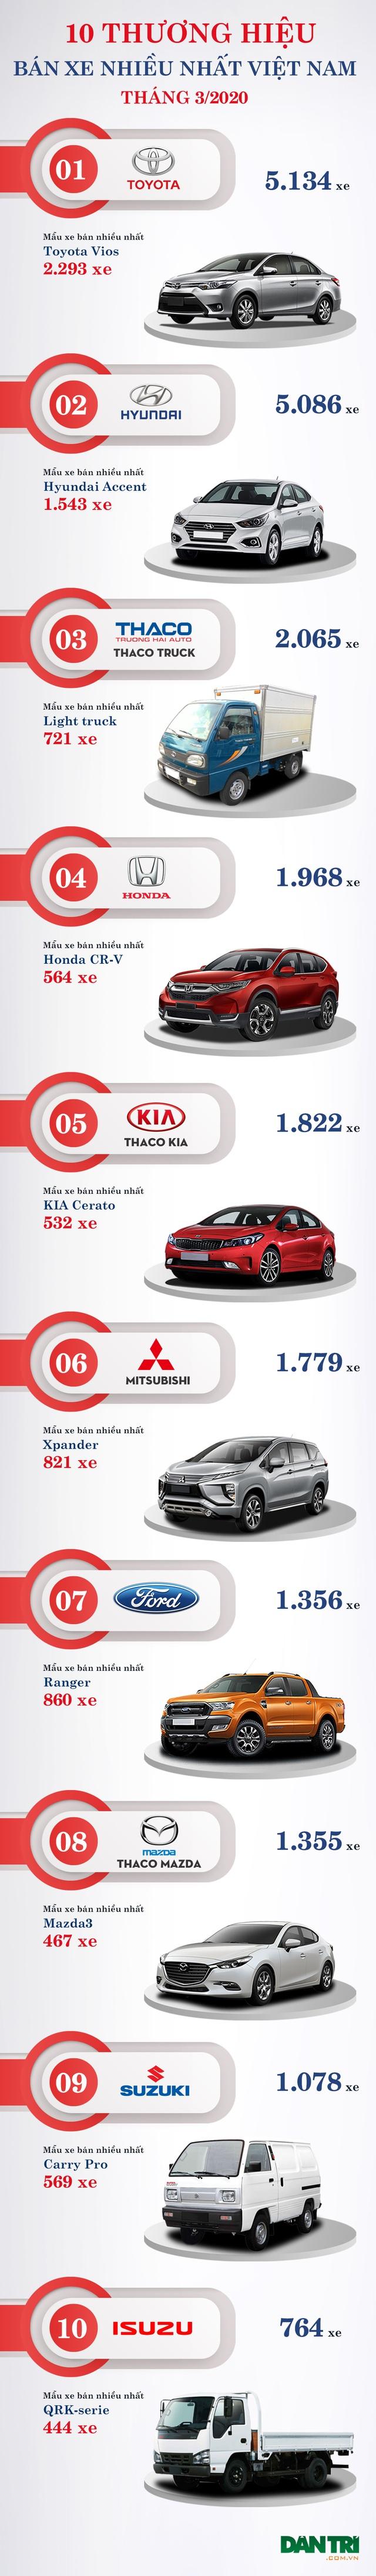 10 thương hiệu bán nhiều xe nhất Việt Nam tháng 3/2020 - 2